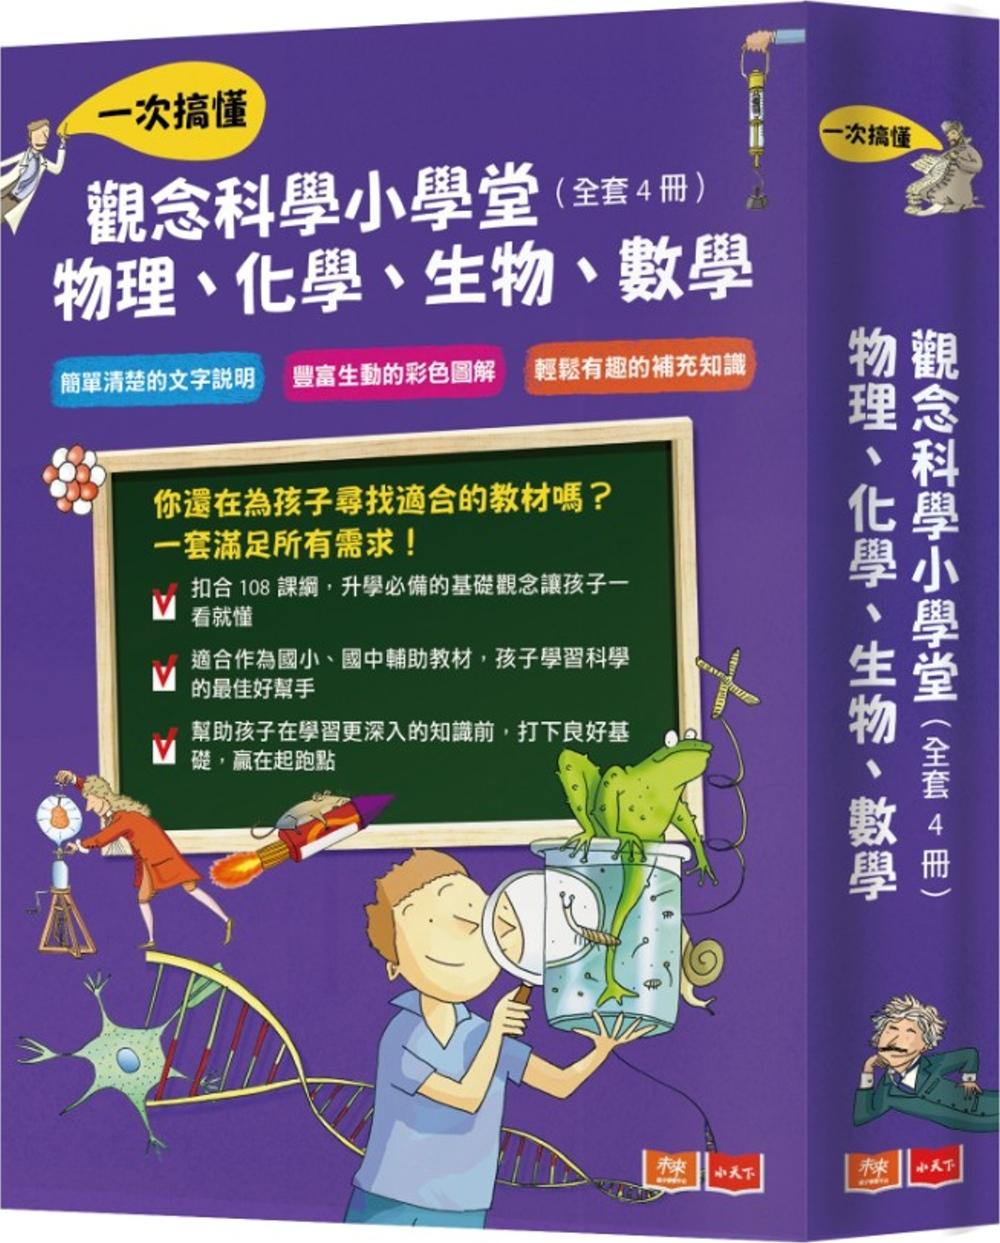 觀念科學小學堂:一次搞懂物理、化學、生物、數學(全套4冊)